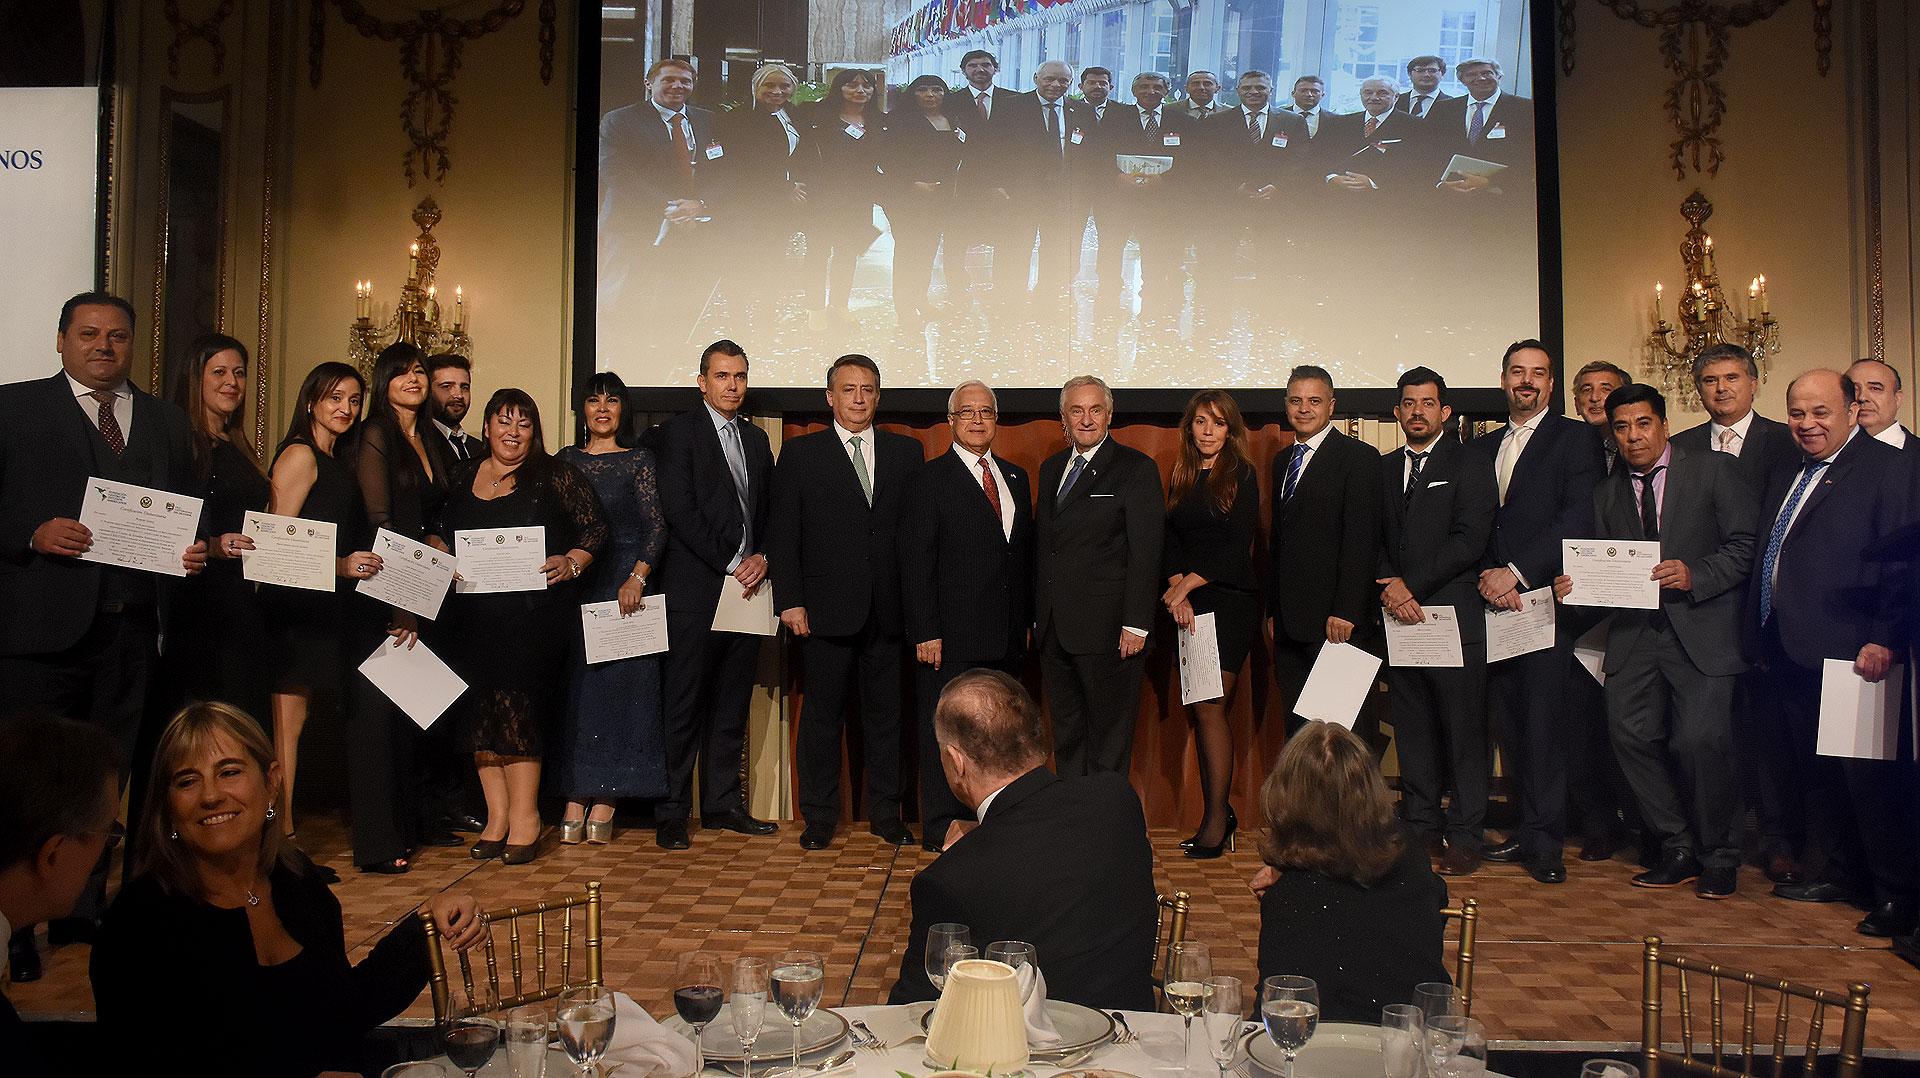 En la ceremonia, se hizo entrega de los diplomas firmados por el embajador Prado en representación del Departamento de Estado-, el rector de El Salvador, Carlos Salvadore De Arzuaga, y el presidente de la fundación CEA, a los líderes que participaron de las actividades en Washington, en 2017